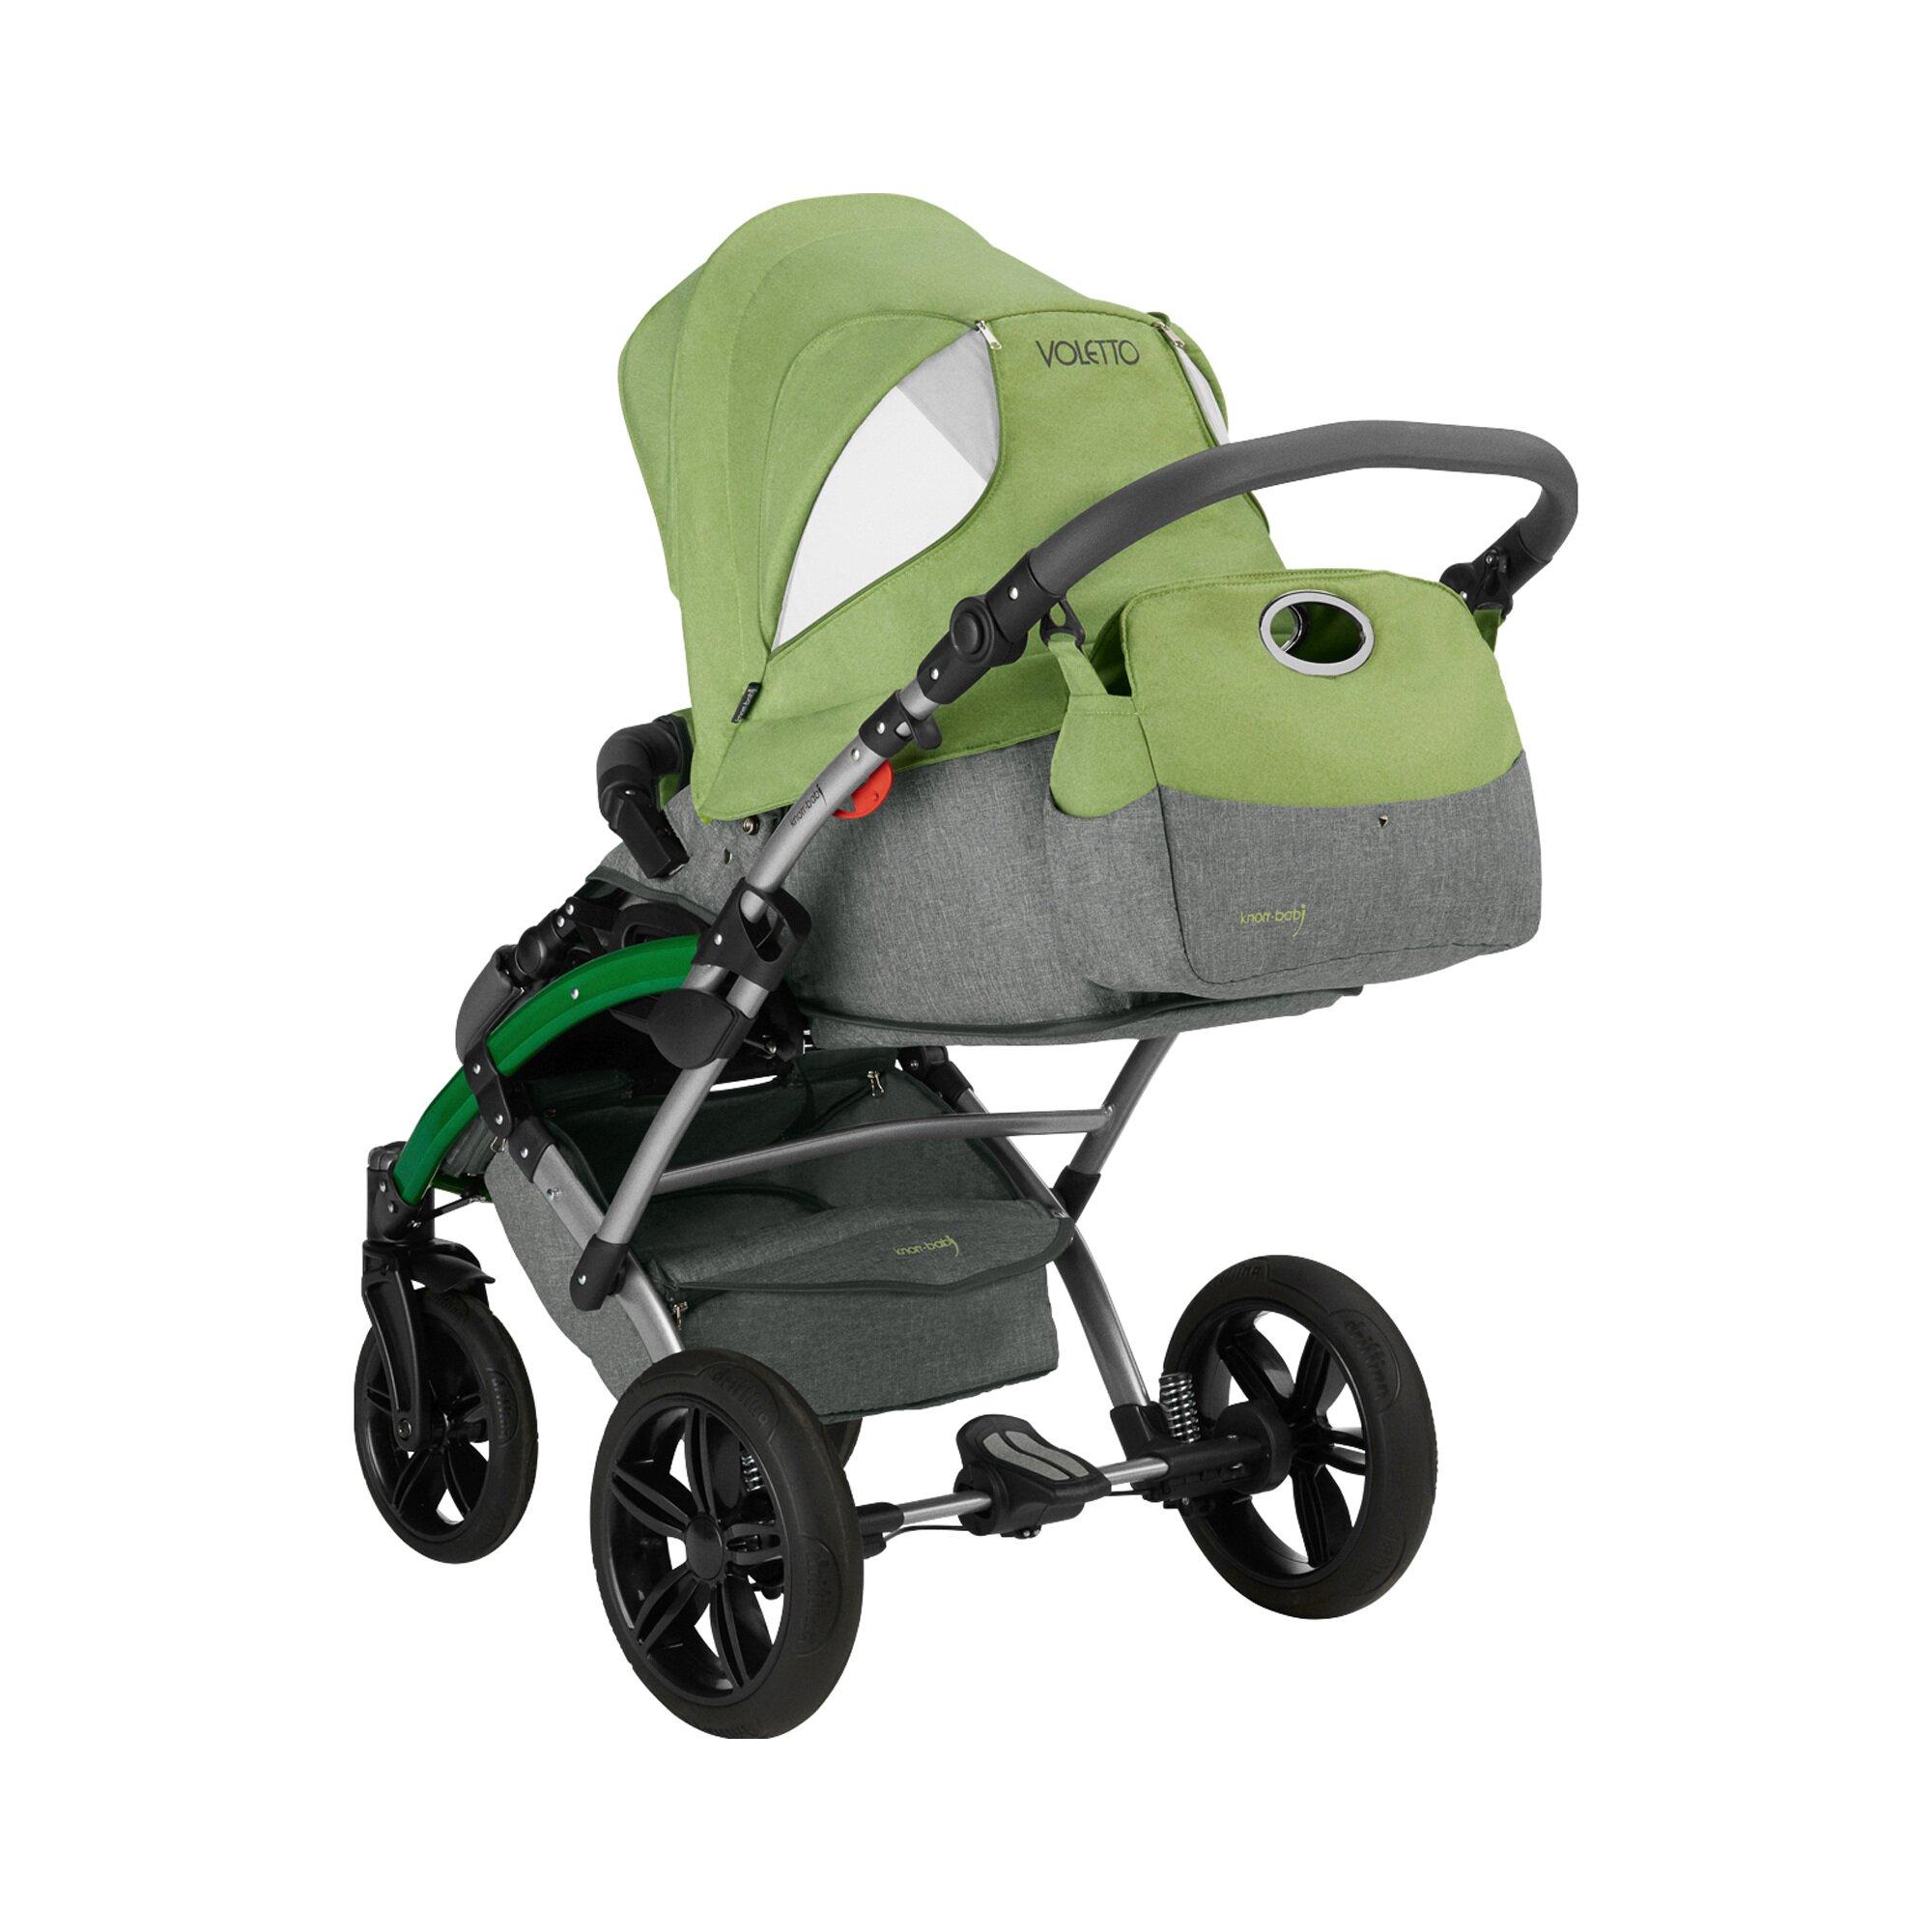 knorr-baby-voletto-happy-colour-kombikinderwagen-mit-wickeltasche-gruen